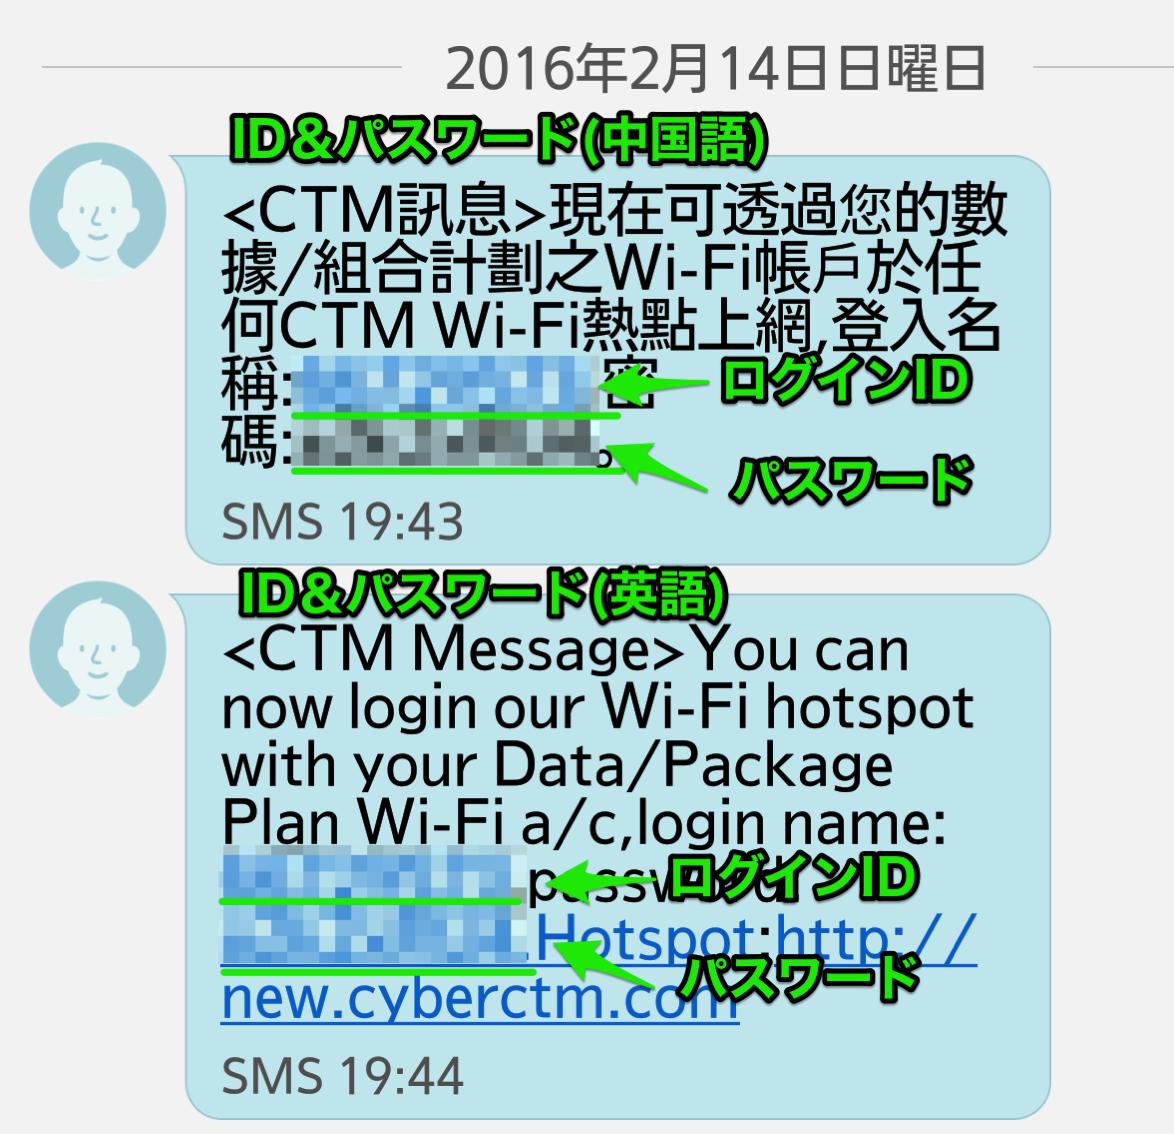 マカオ:CTM Wi-Fiの利用方法 – インターネット定額プランならWi-Fi無制限で利用可能